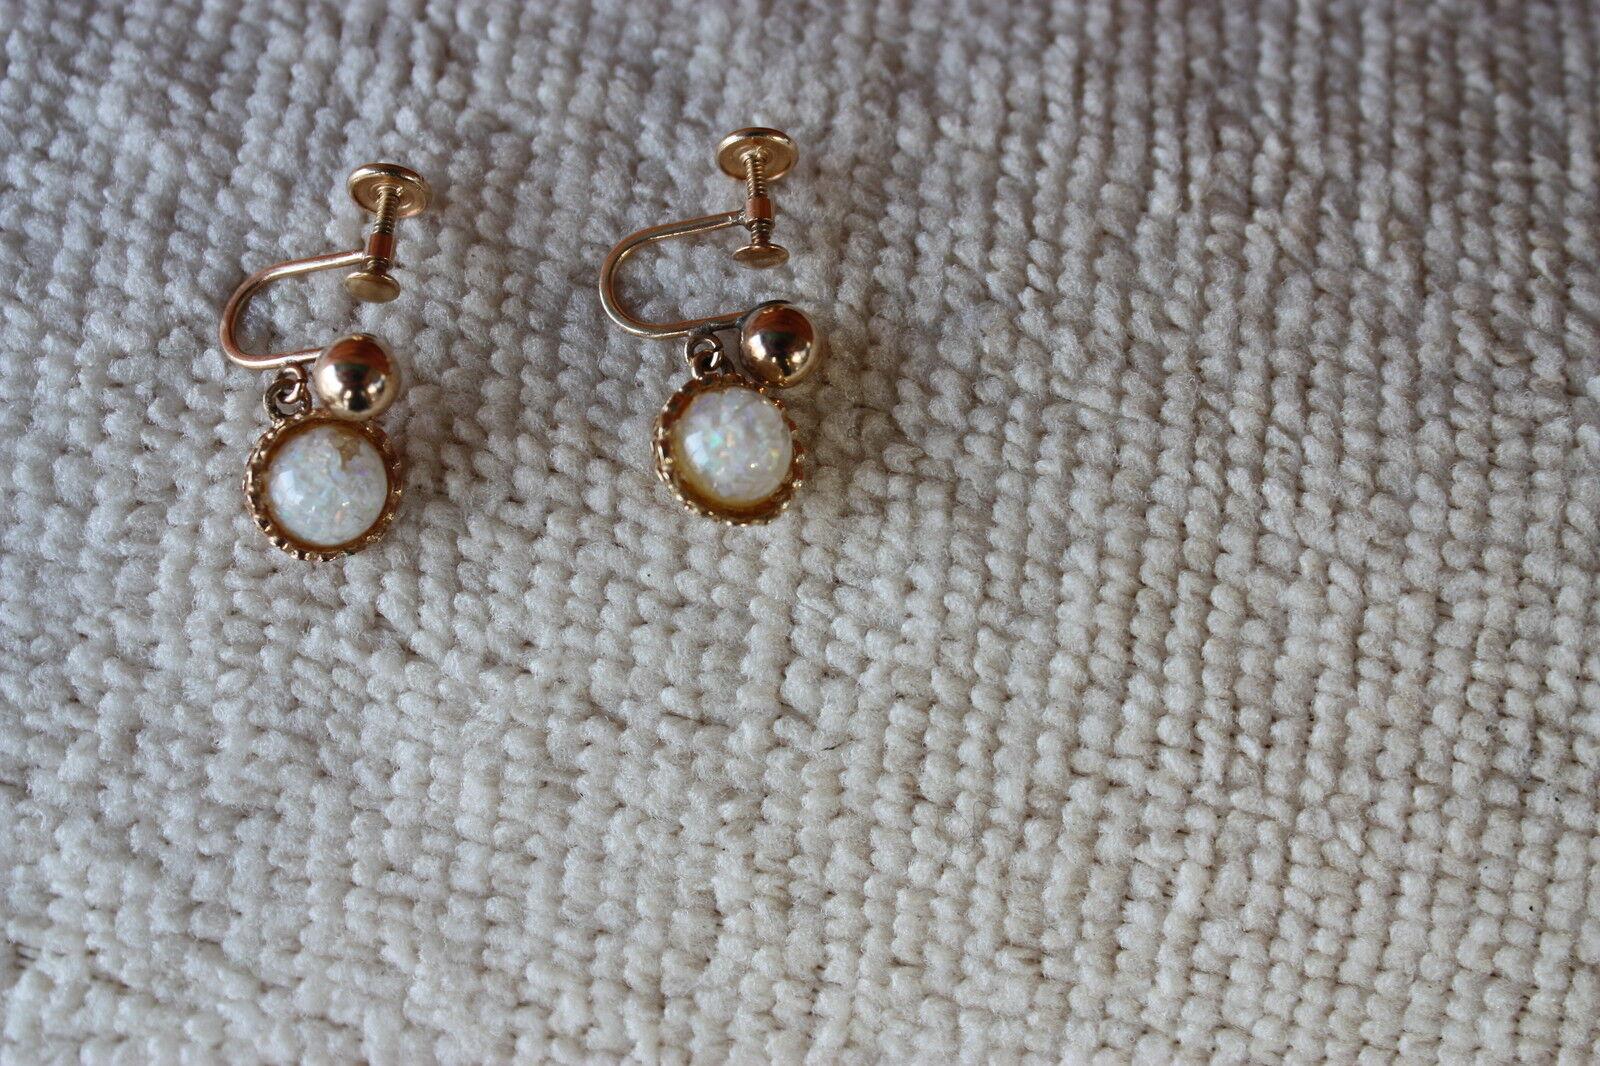 VTG 14k GOLD  Opal Clip on   EARRINGS - image 1